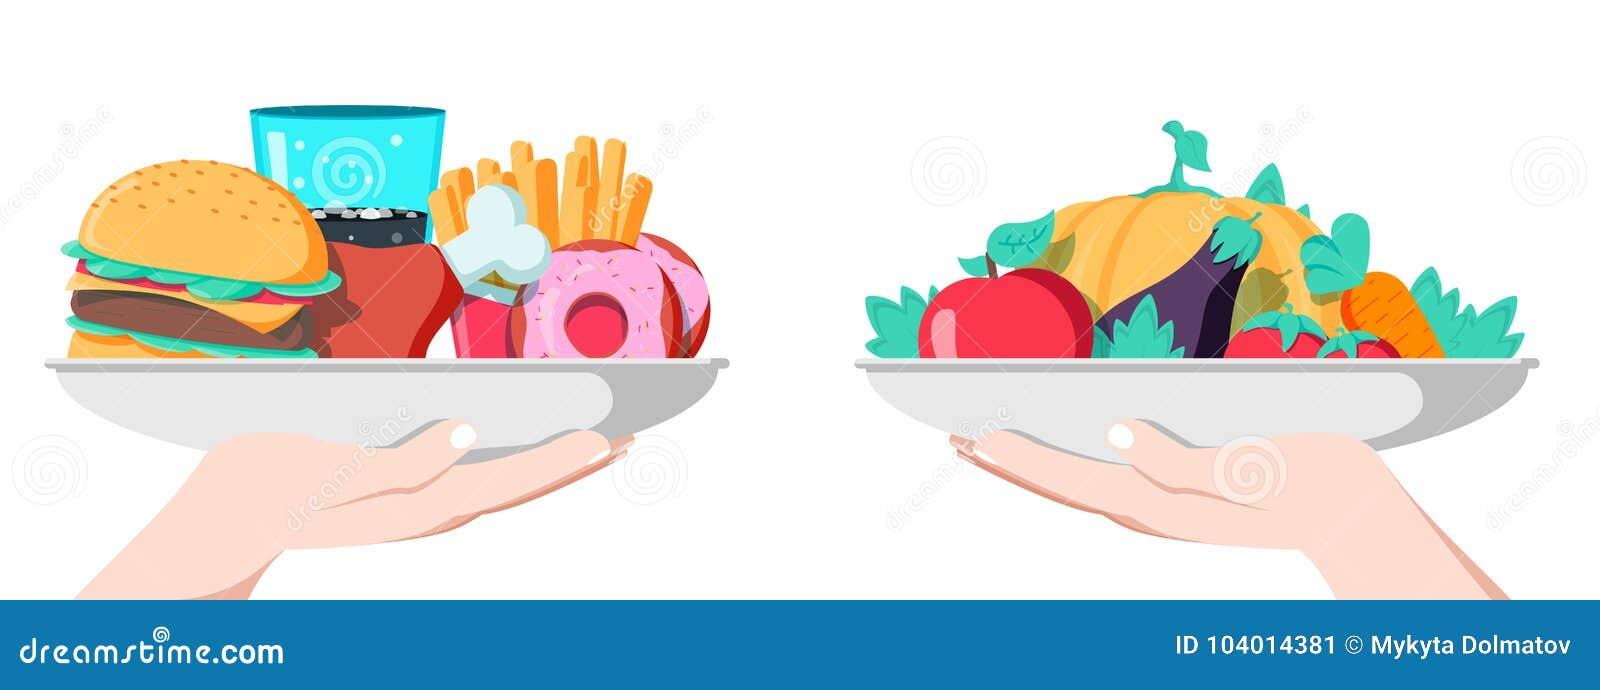 Fresh Food Versus Fast Food